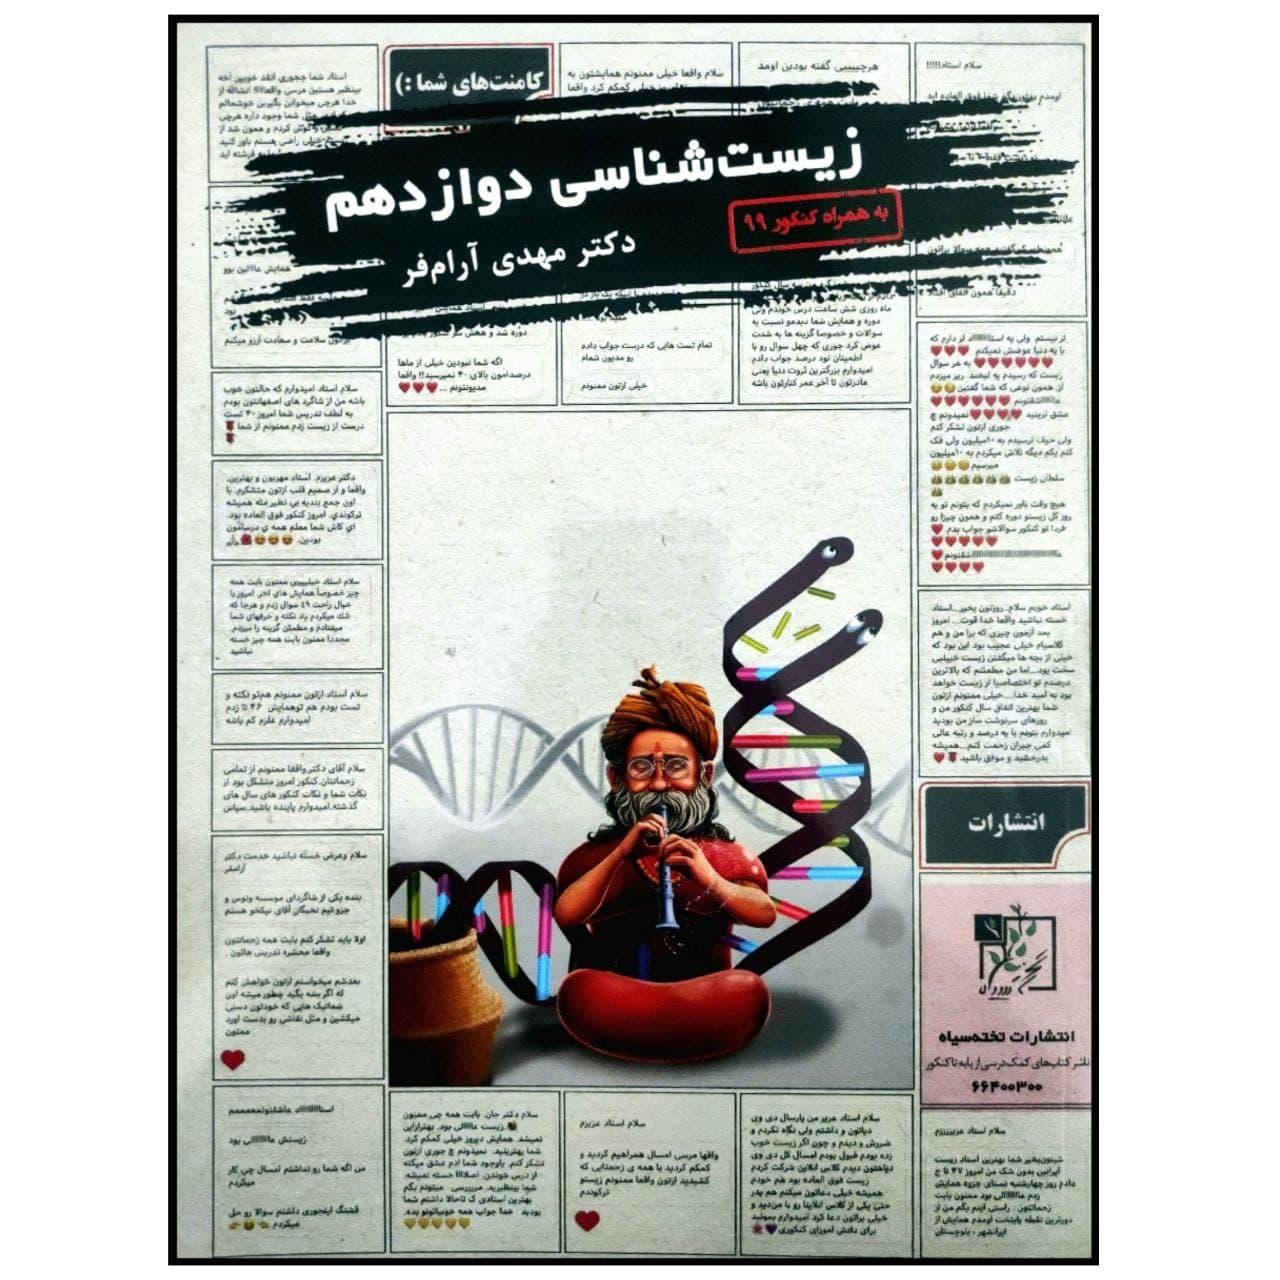 کتاب زیست شناسی دوازدهم به همراه کنکور 99 اثر دکتر مهدی آرام فر انتشارات تخته سیاه